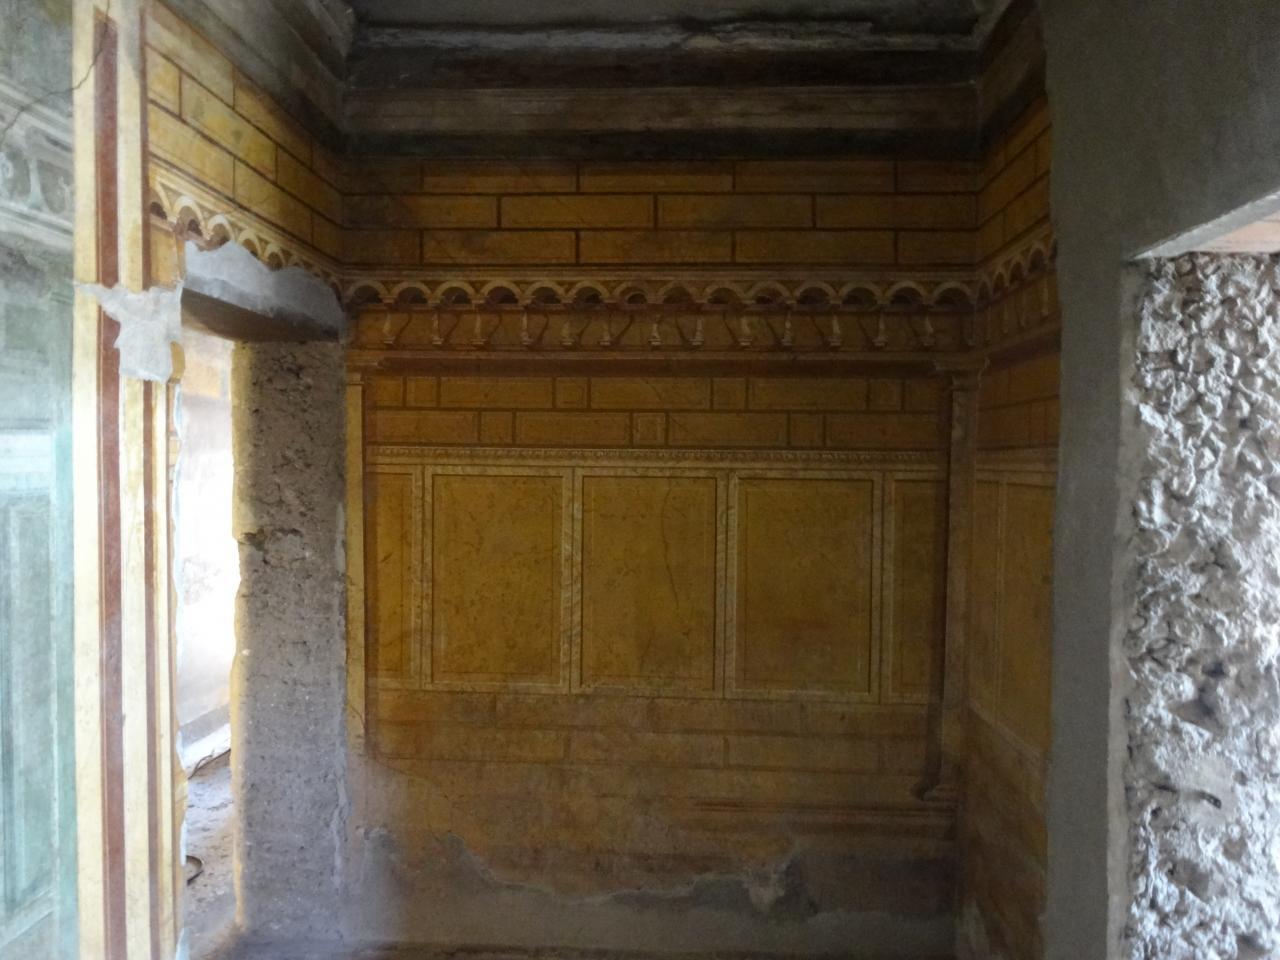 ポンペイ、ヘルクラネウム及びトッレ・アンヌンツィアータの遺跡地域の画像 p1_34